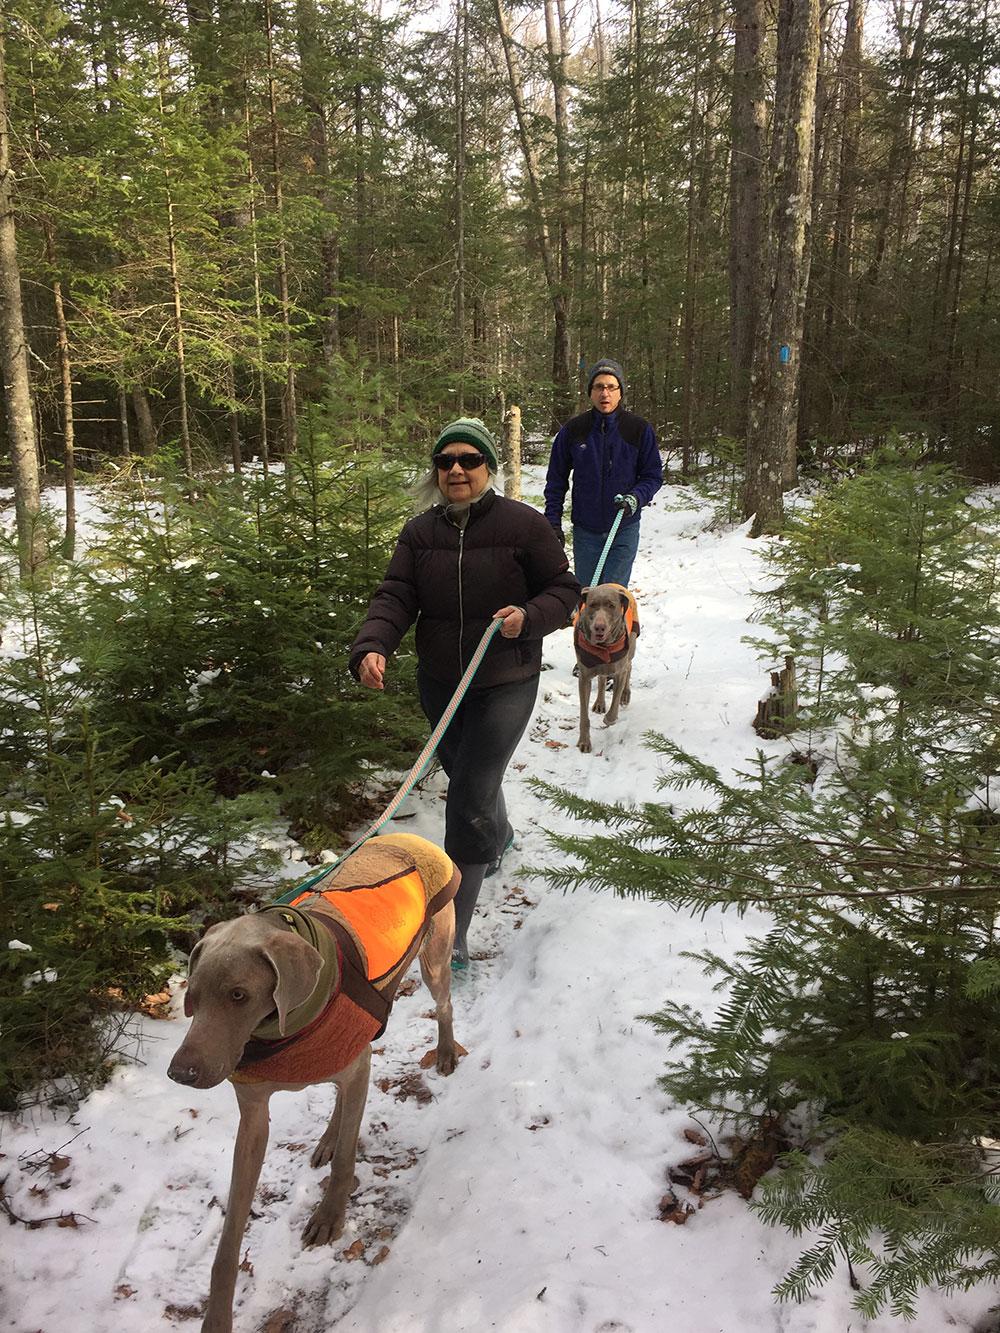 Simon Trail. Photo credit Iris Simon.